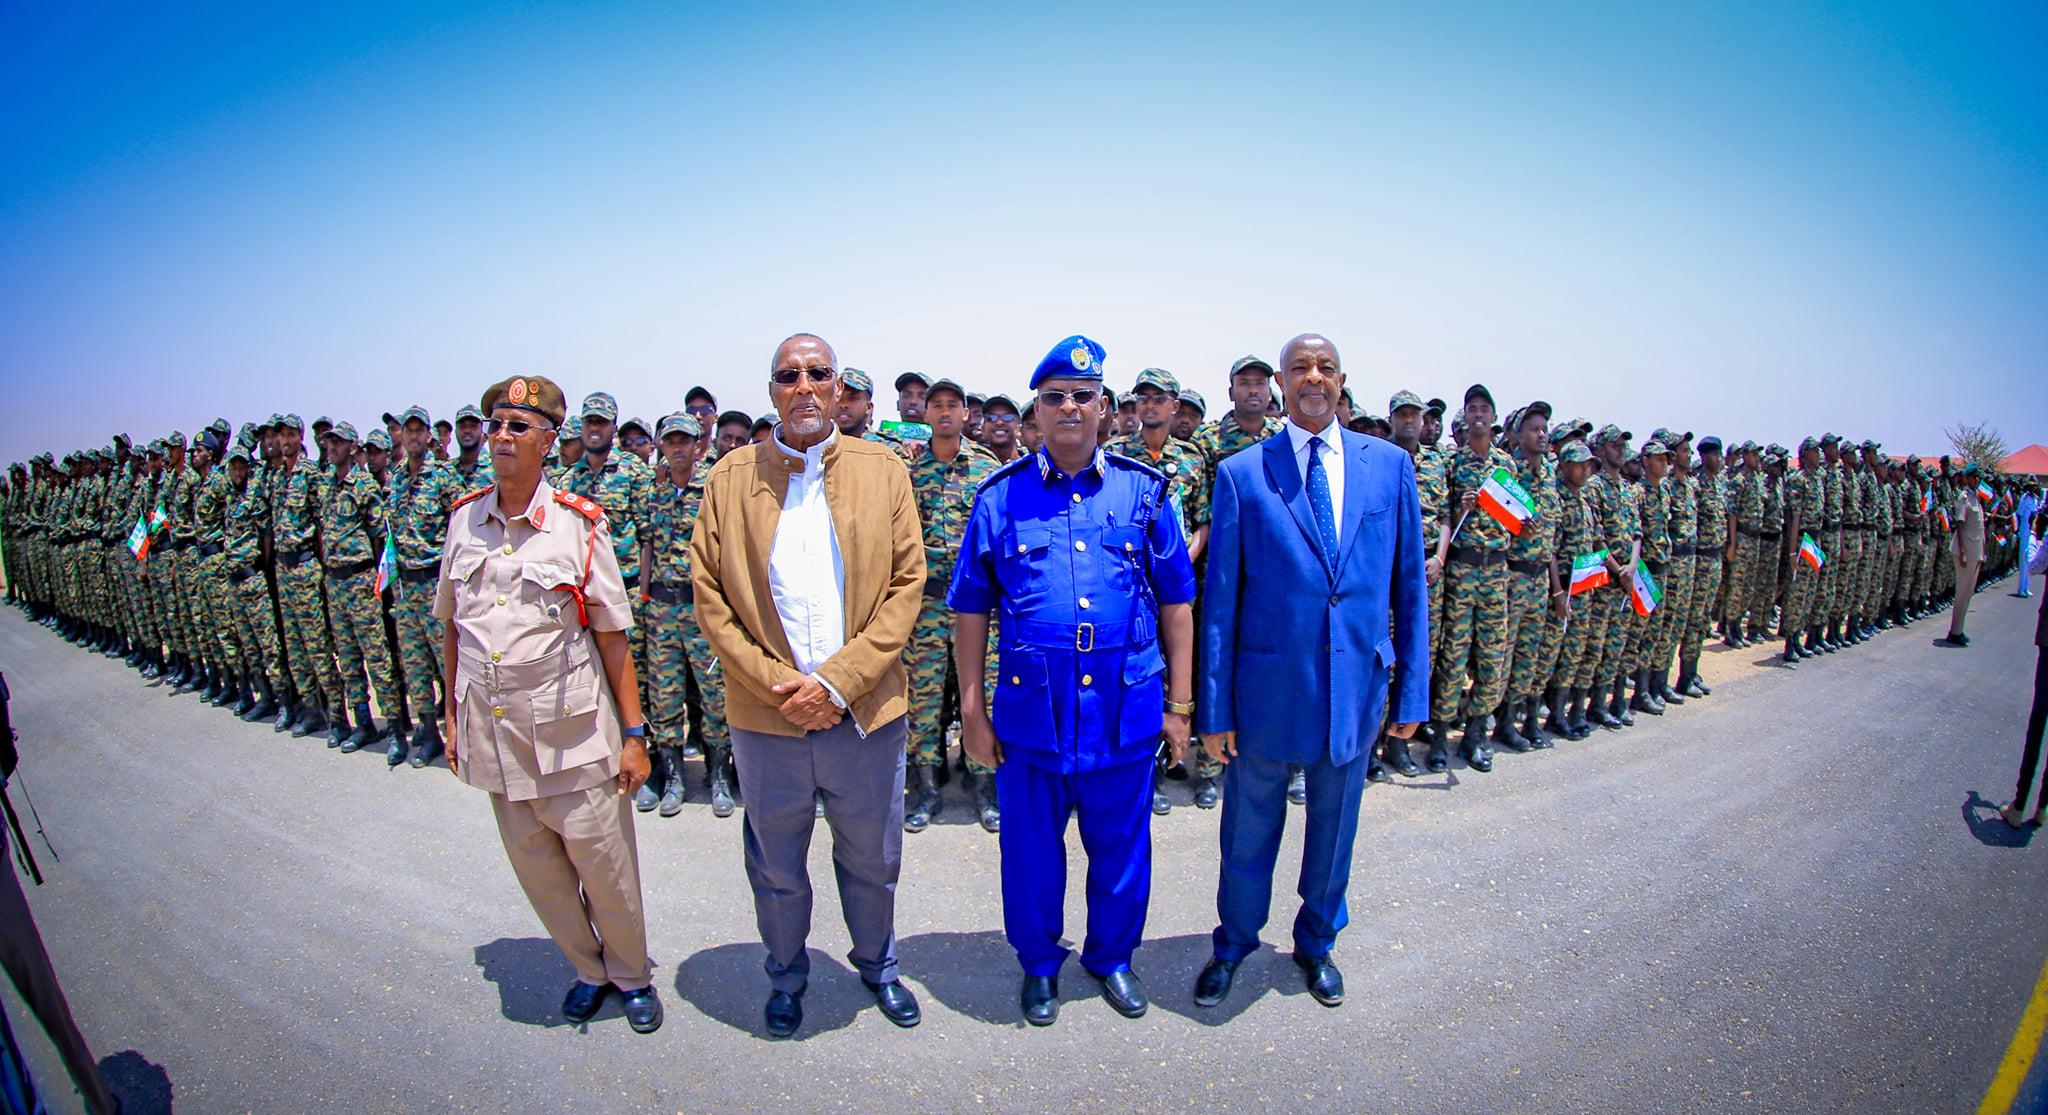 Madaxweynaha Somaliland Oo Ka Qayb-galay Xidhitaanka Dufcaddii Saddexaad Ee Barnaamijka Carbiska Shaqo Qaran